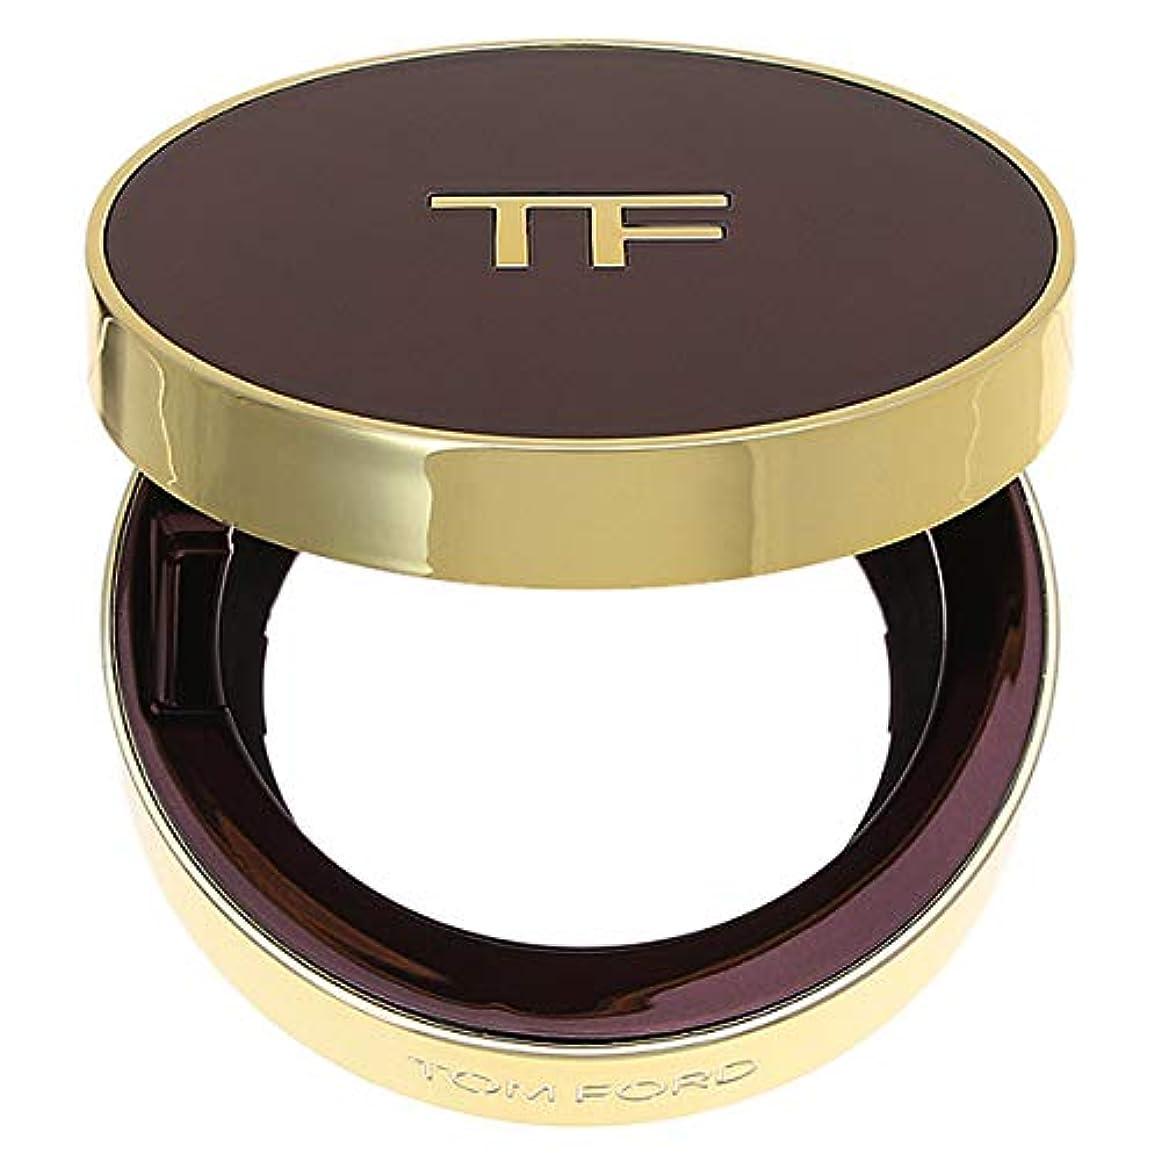 トム フォード ビューティ TOM FORD BEAUTY トレースレス タッチ ファンデーション SPF 45 サテンマット クッション コンパクト コンパクト ケース [並行輸入品]